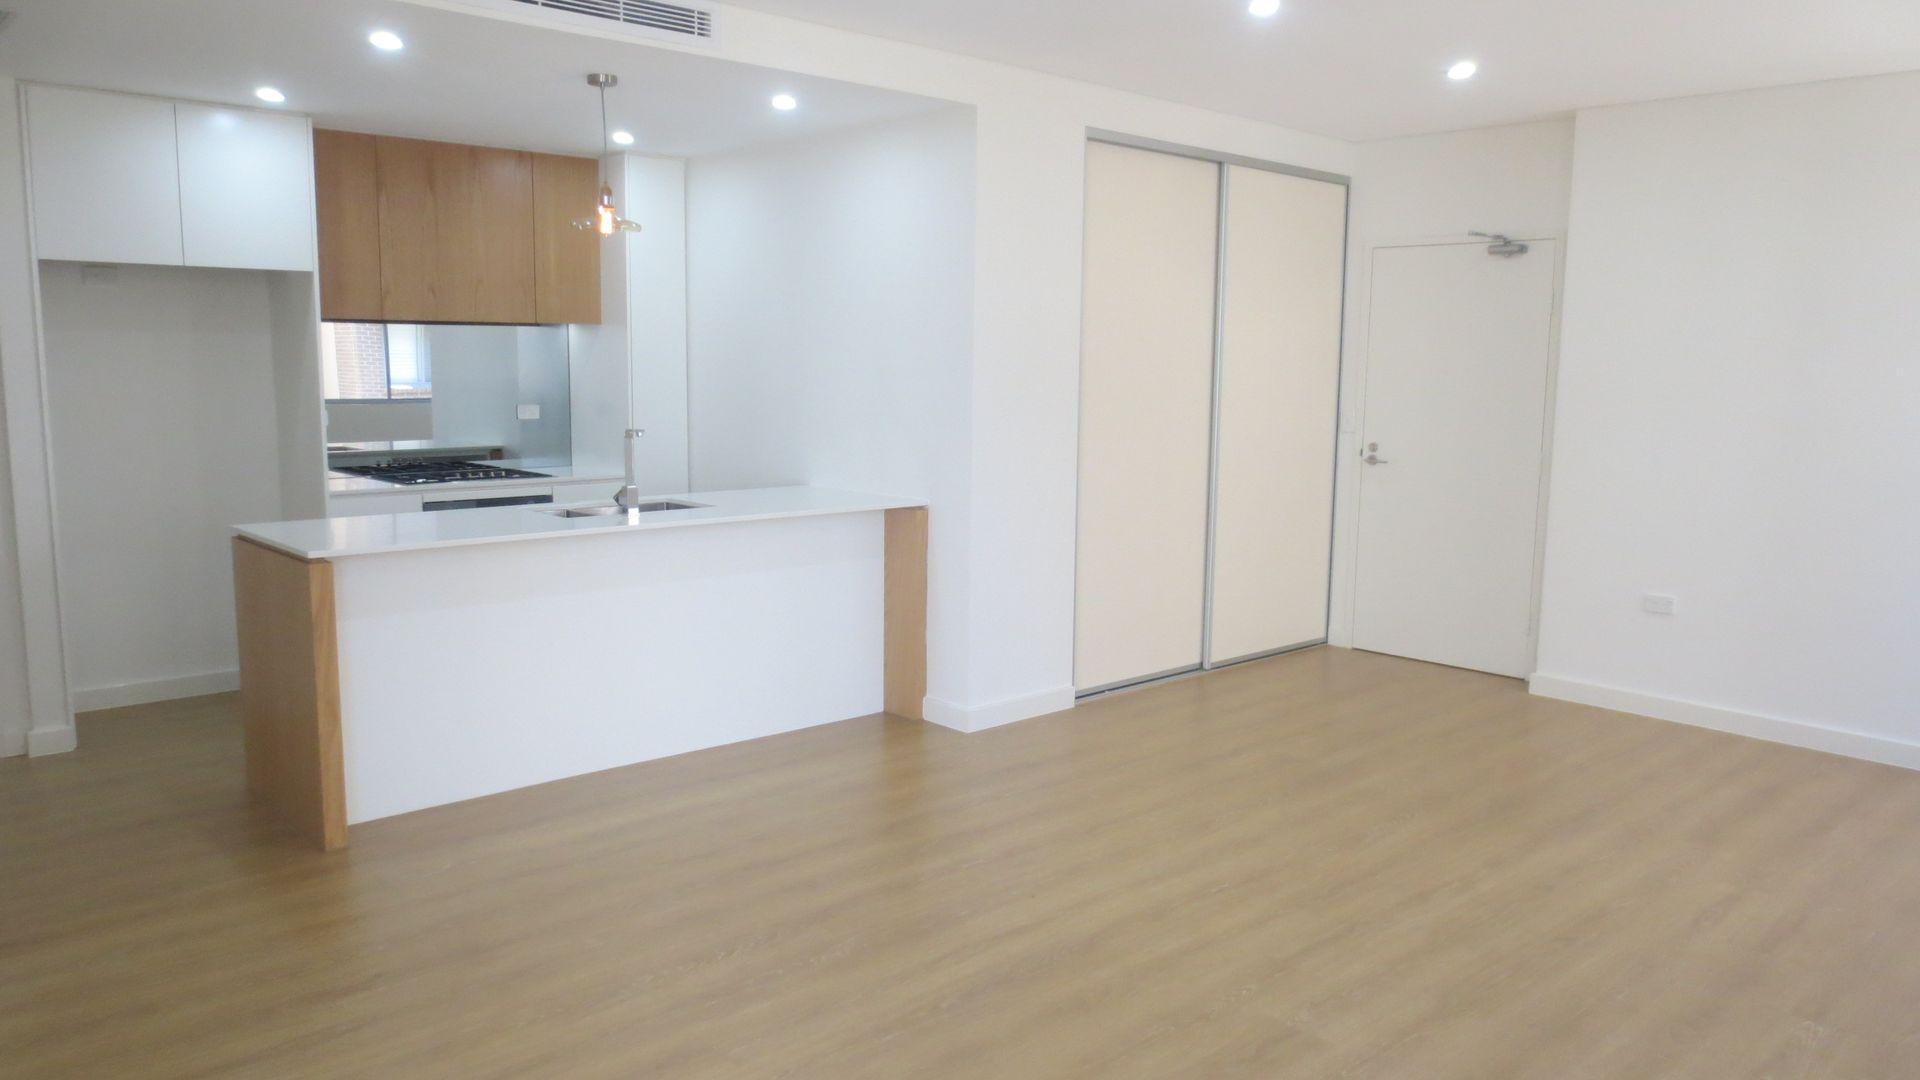 5/7 Chapman Avenue, Beecroft NSW 2119, Image 2